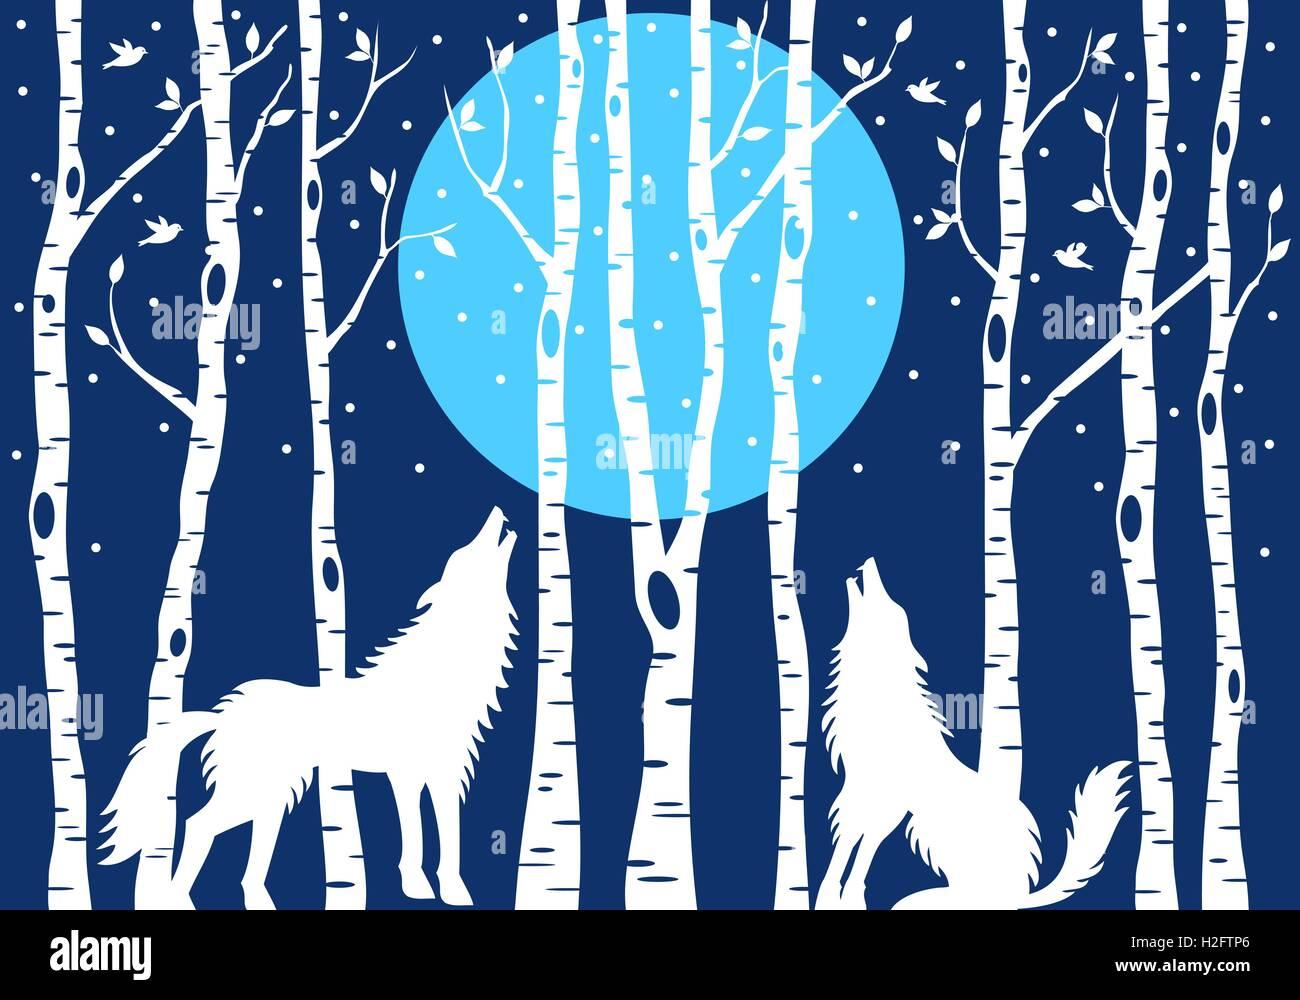 Loup hurlant à la lune bleu et blanc des bouleaux, vector illustration Photo Stock